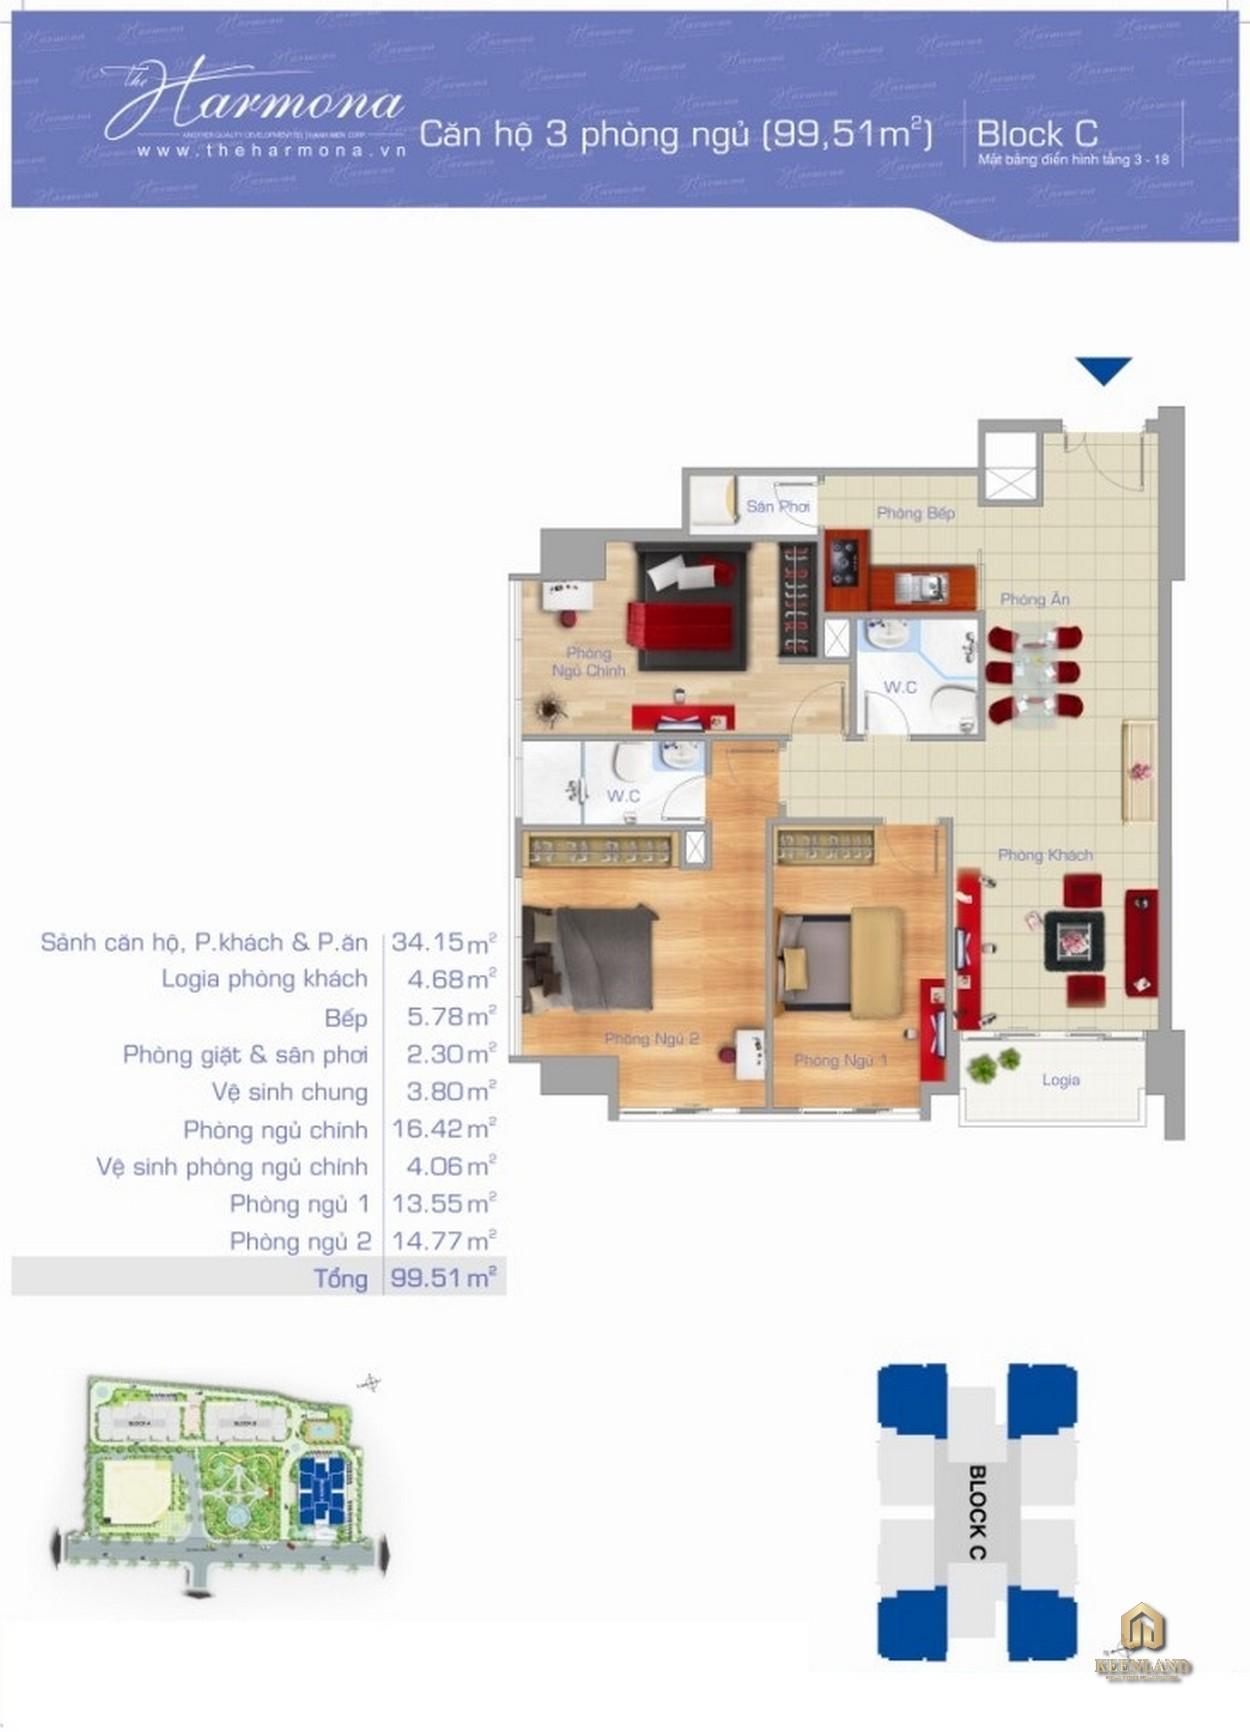 Thiết kế chi tiết căn hộ The Harmona